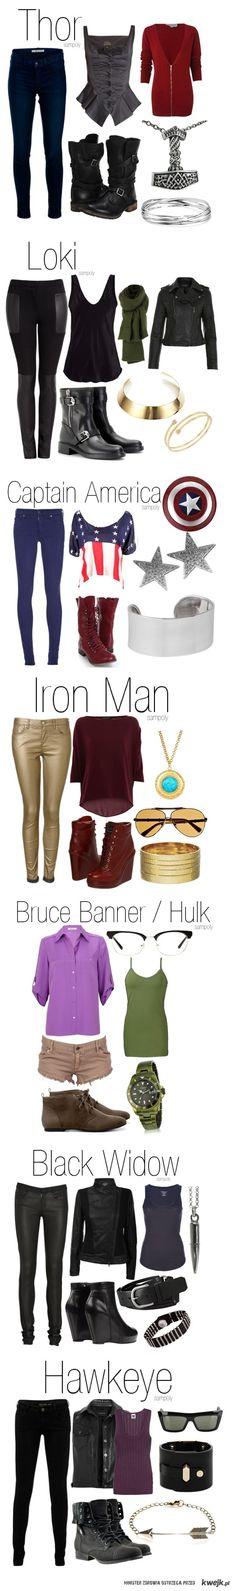 Avengers outfits. I'm gonna dress like iron man! haha